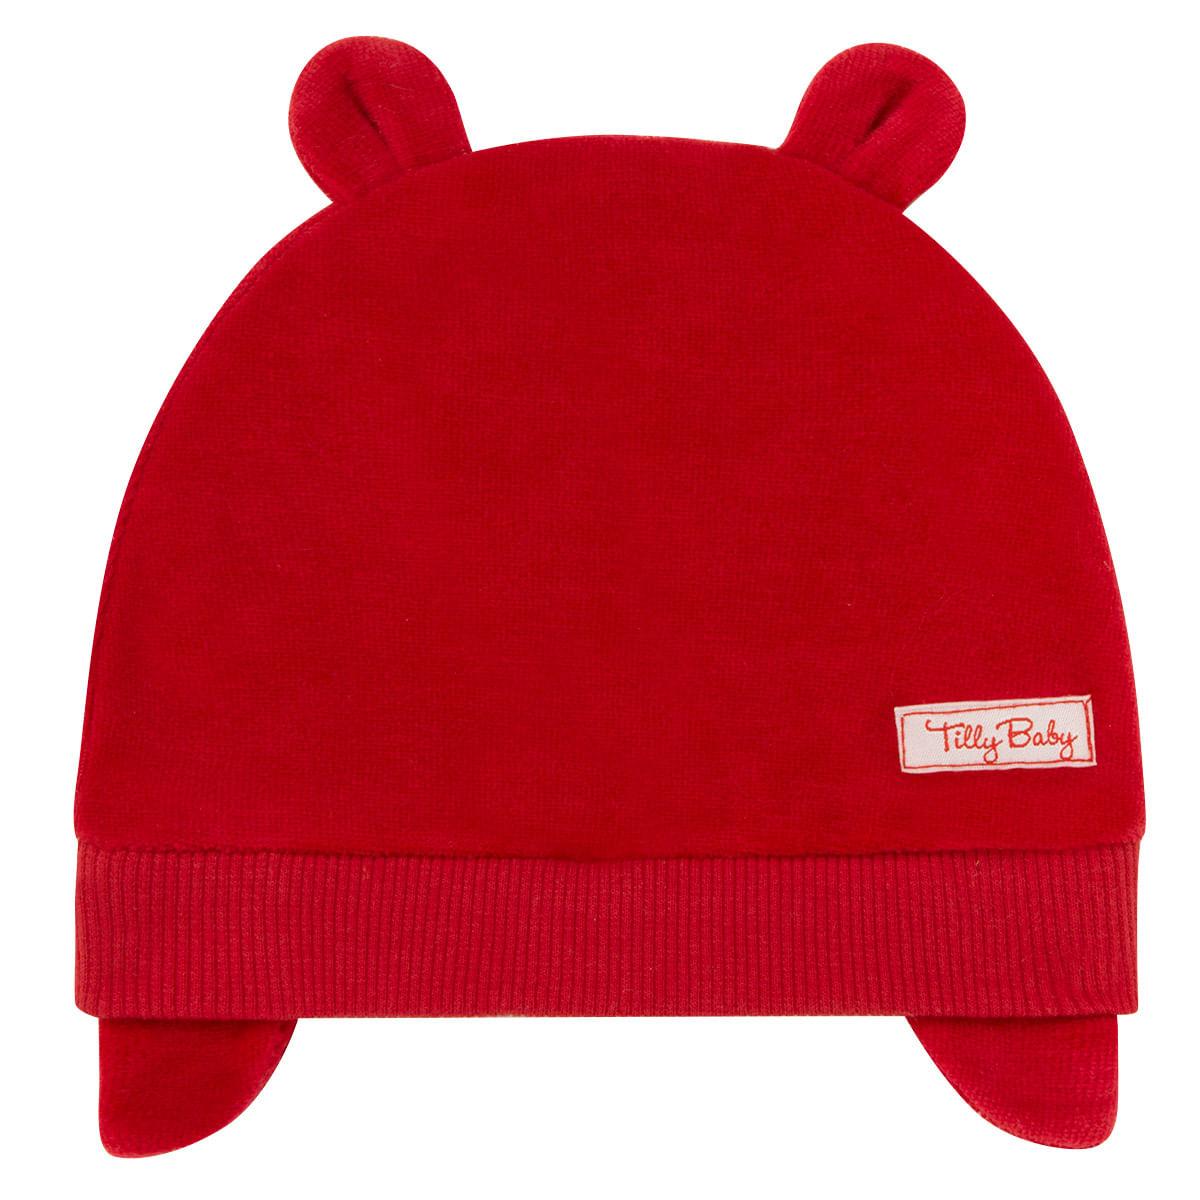 de0100b3c6d20 Touca Orelhinha para bebe em plush Vermelha Tilly Baby no Bebefacil ...